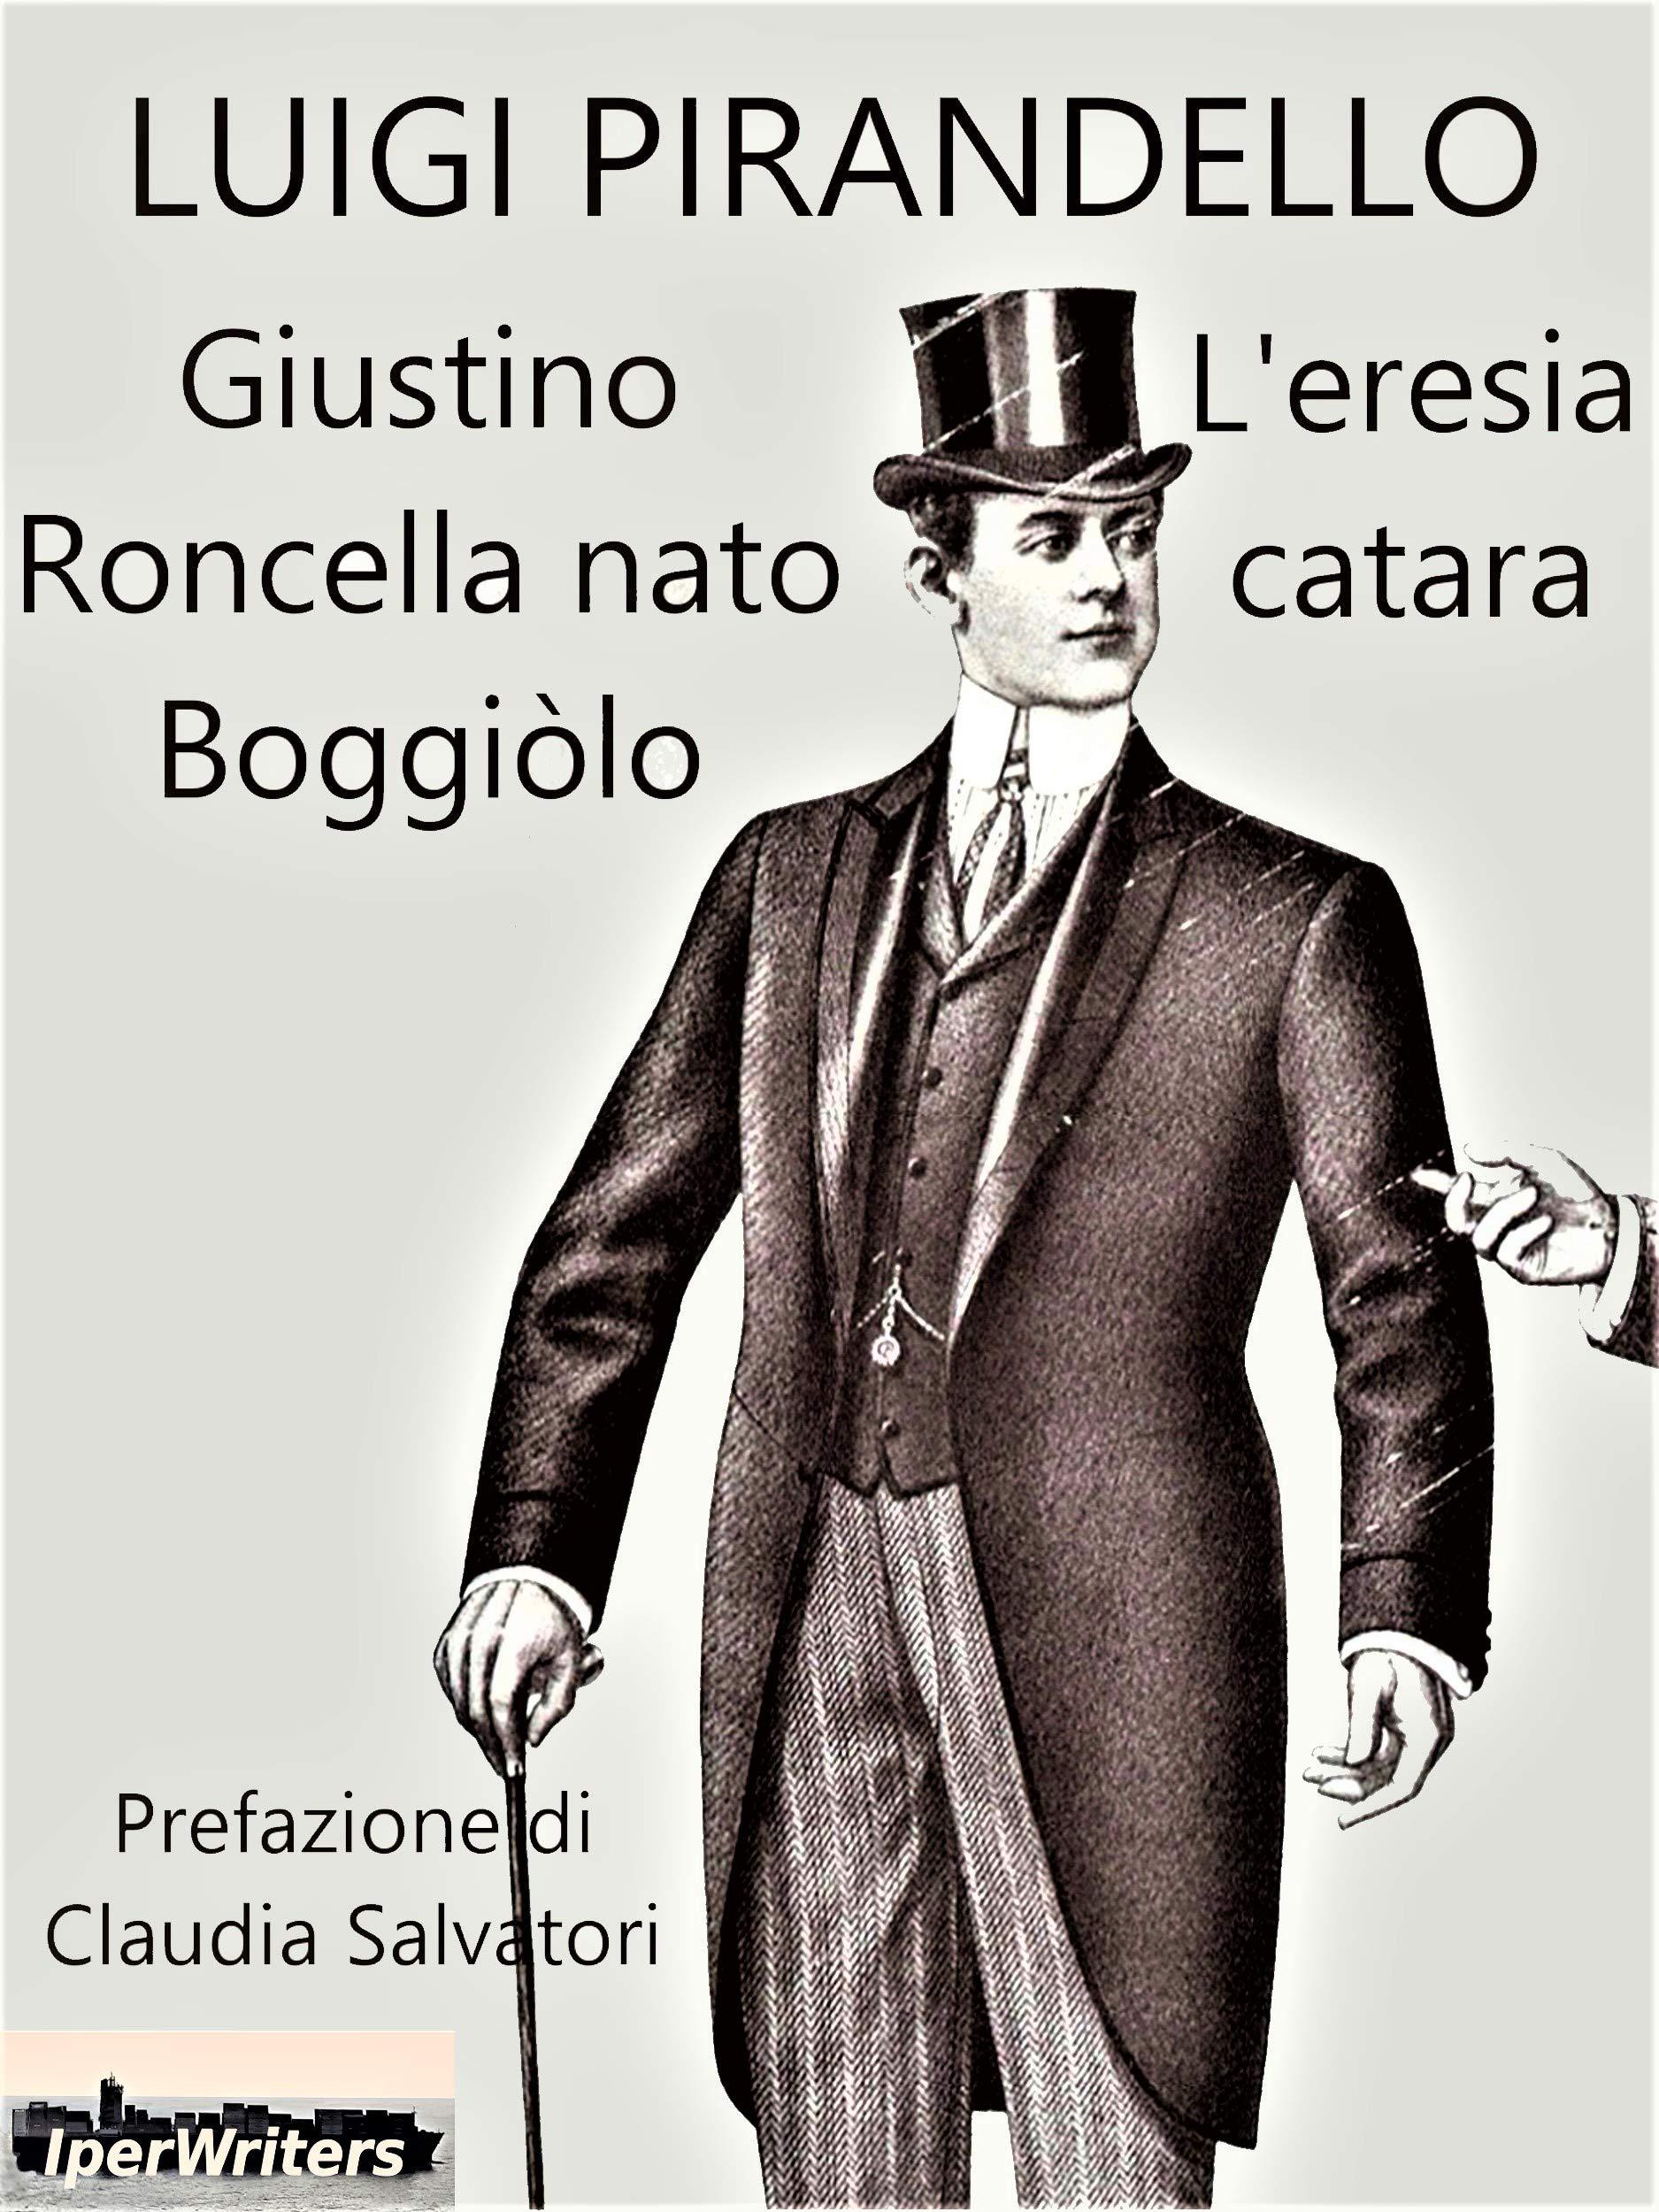 Giustino Roncella nato Boggiòlo e L'eresia catara